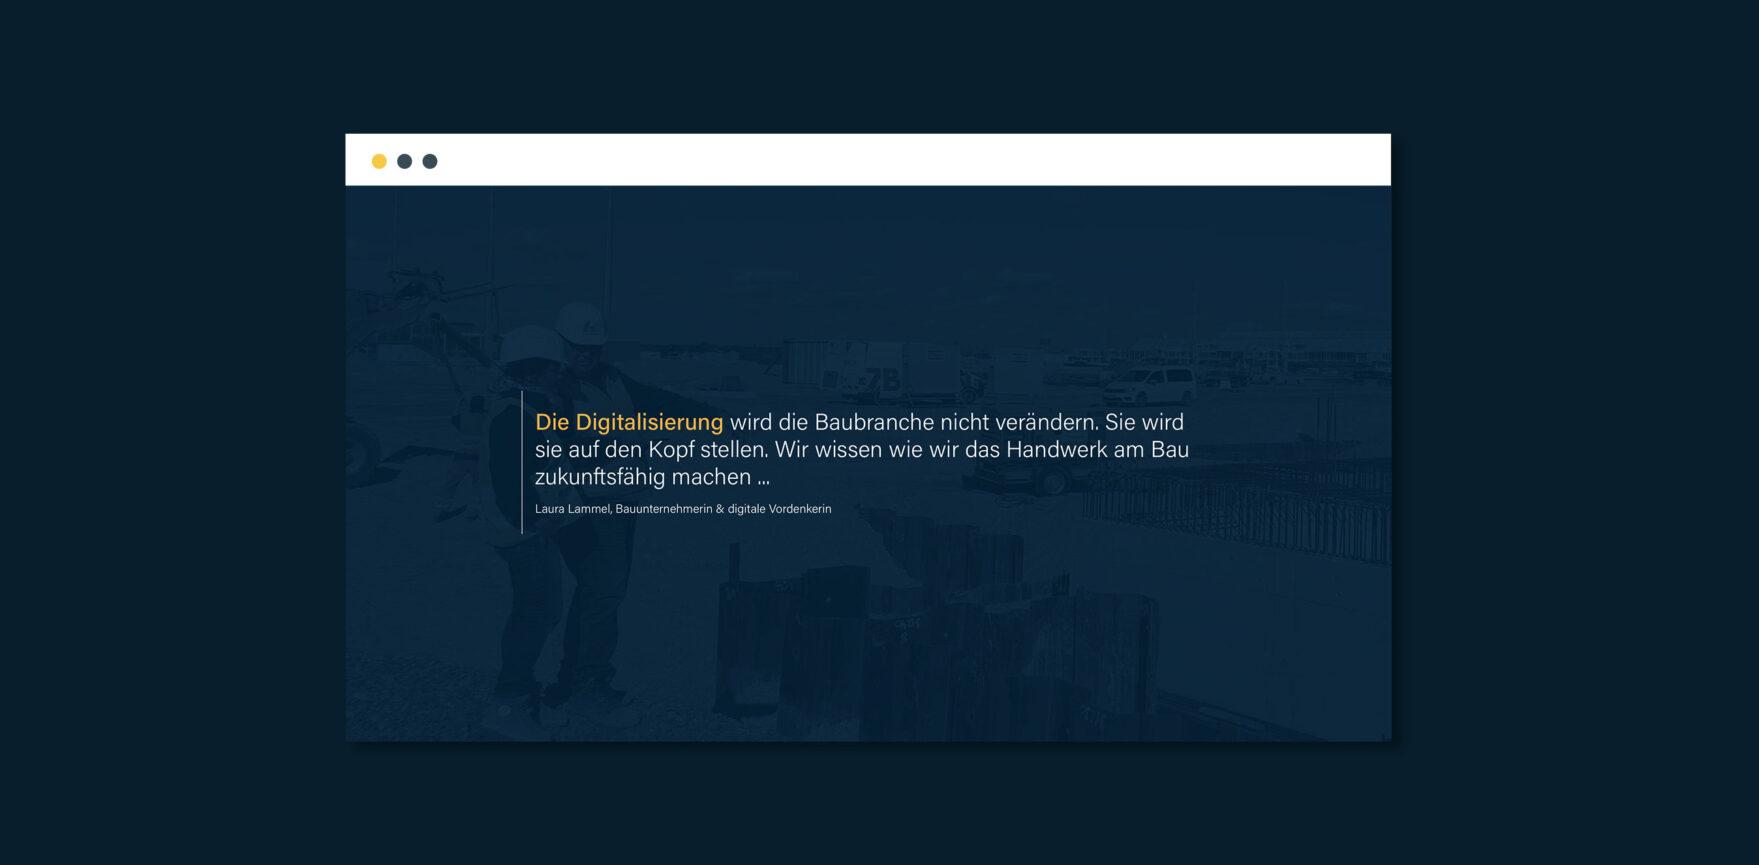 Vorschaltseite Lammel Digital